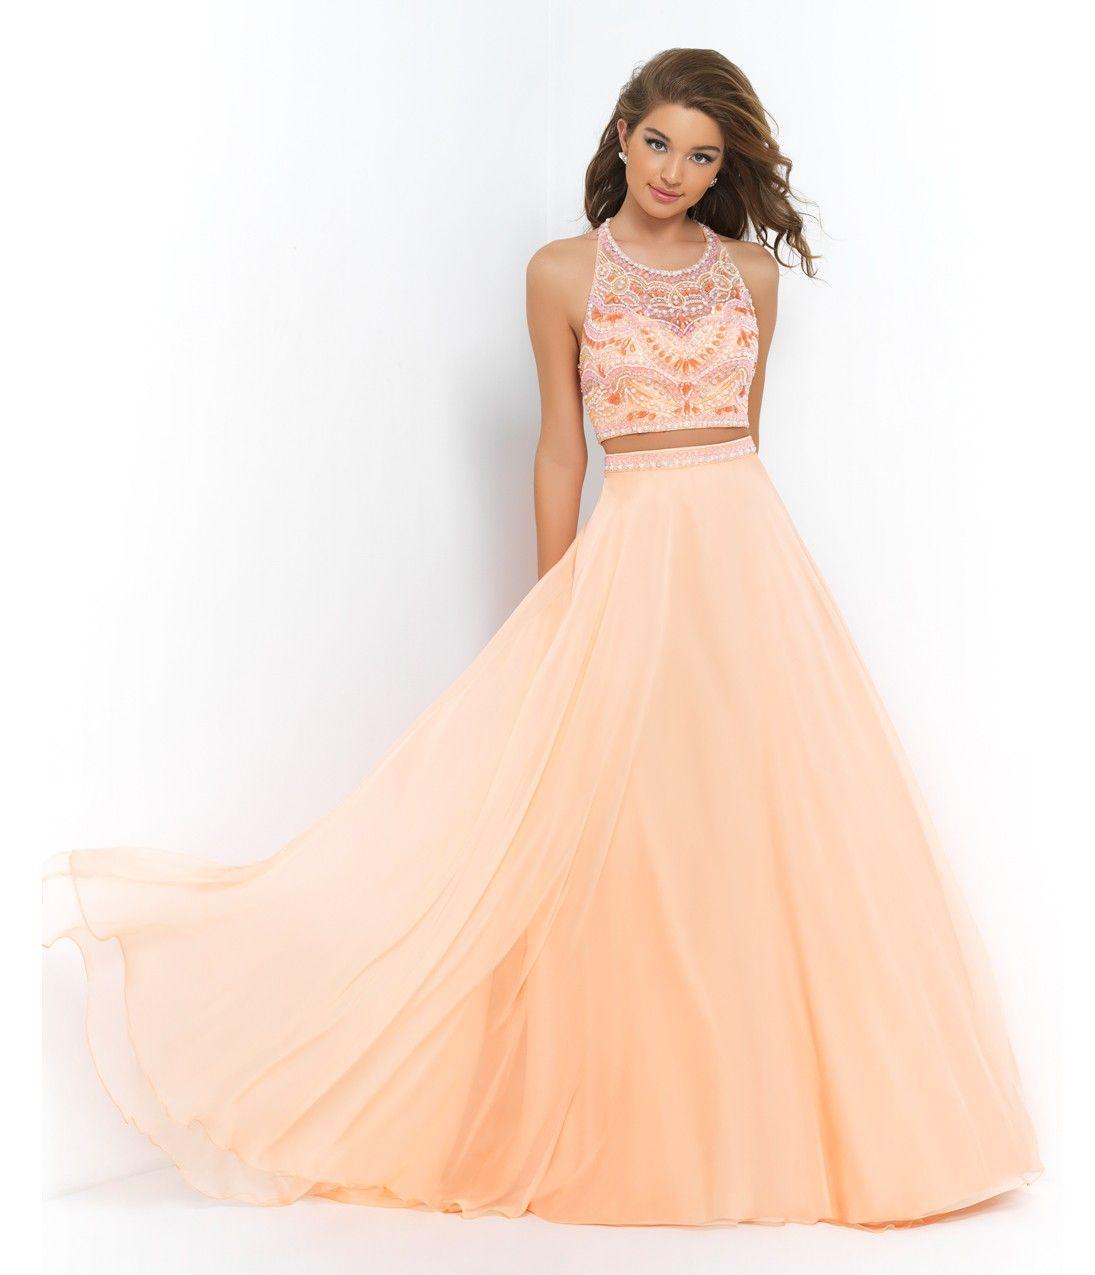 Berühmt Prom Kleider Tampa Ideen - Hochzeit Kleid Stile Ideen ...